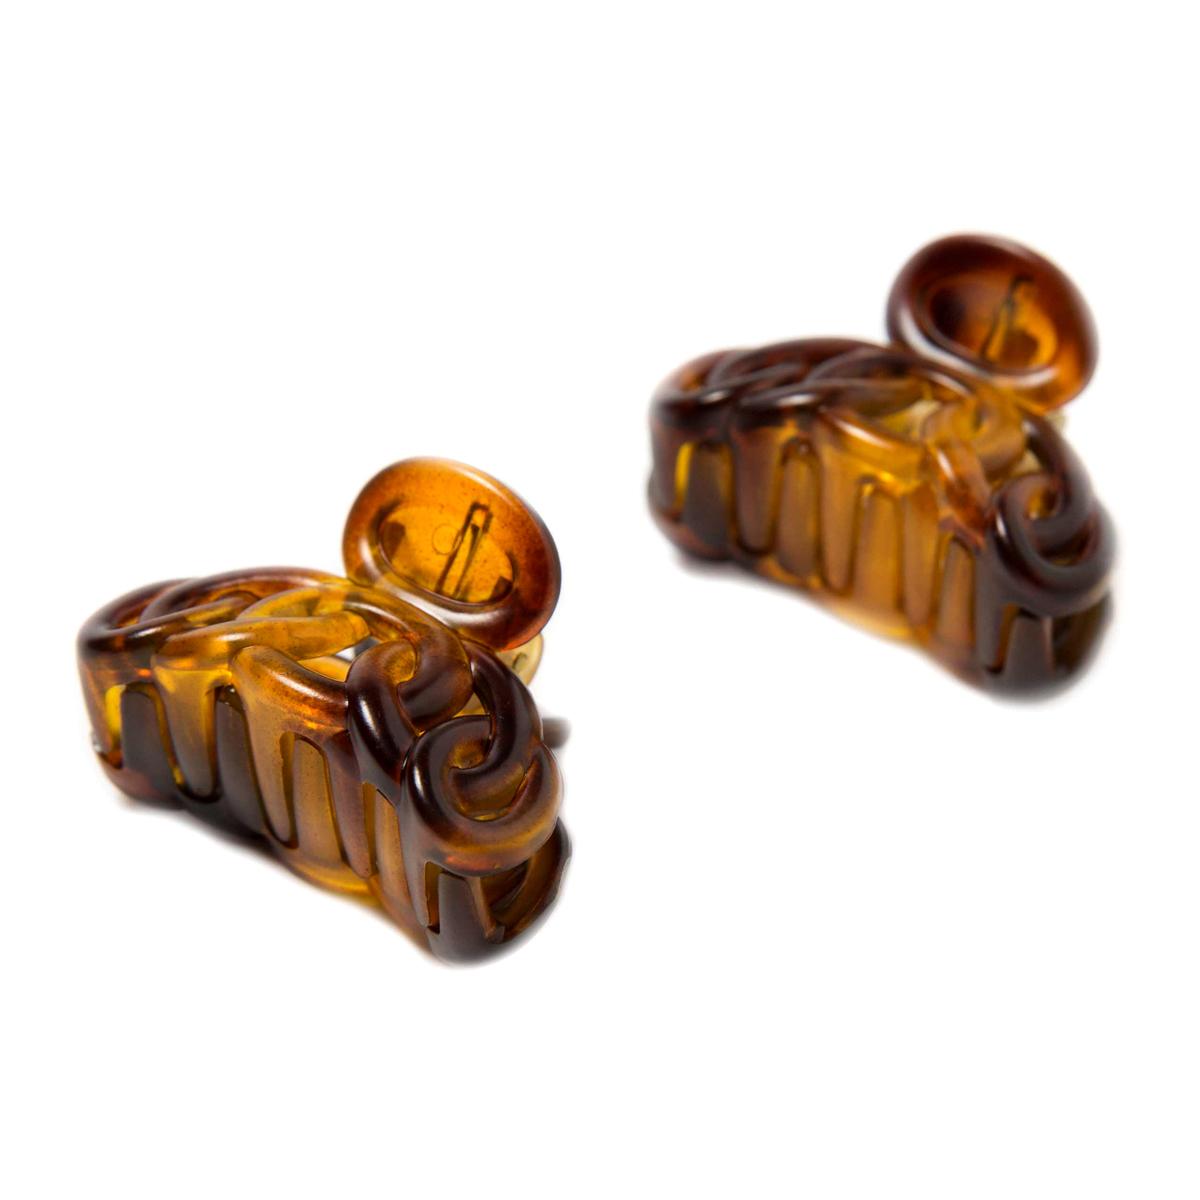 Заколка-краб Mitya Veselkov, цвет: коричневый, 2 шт. KRAB4-M2BROKRAB4-M2BROЗаколка-краб выполнена из пластика черного цвета. Удобный зажимной механизм надежно держит волосы и при этом служит отличным украшением. в упаковке 2 штуки.